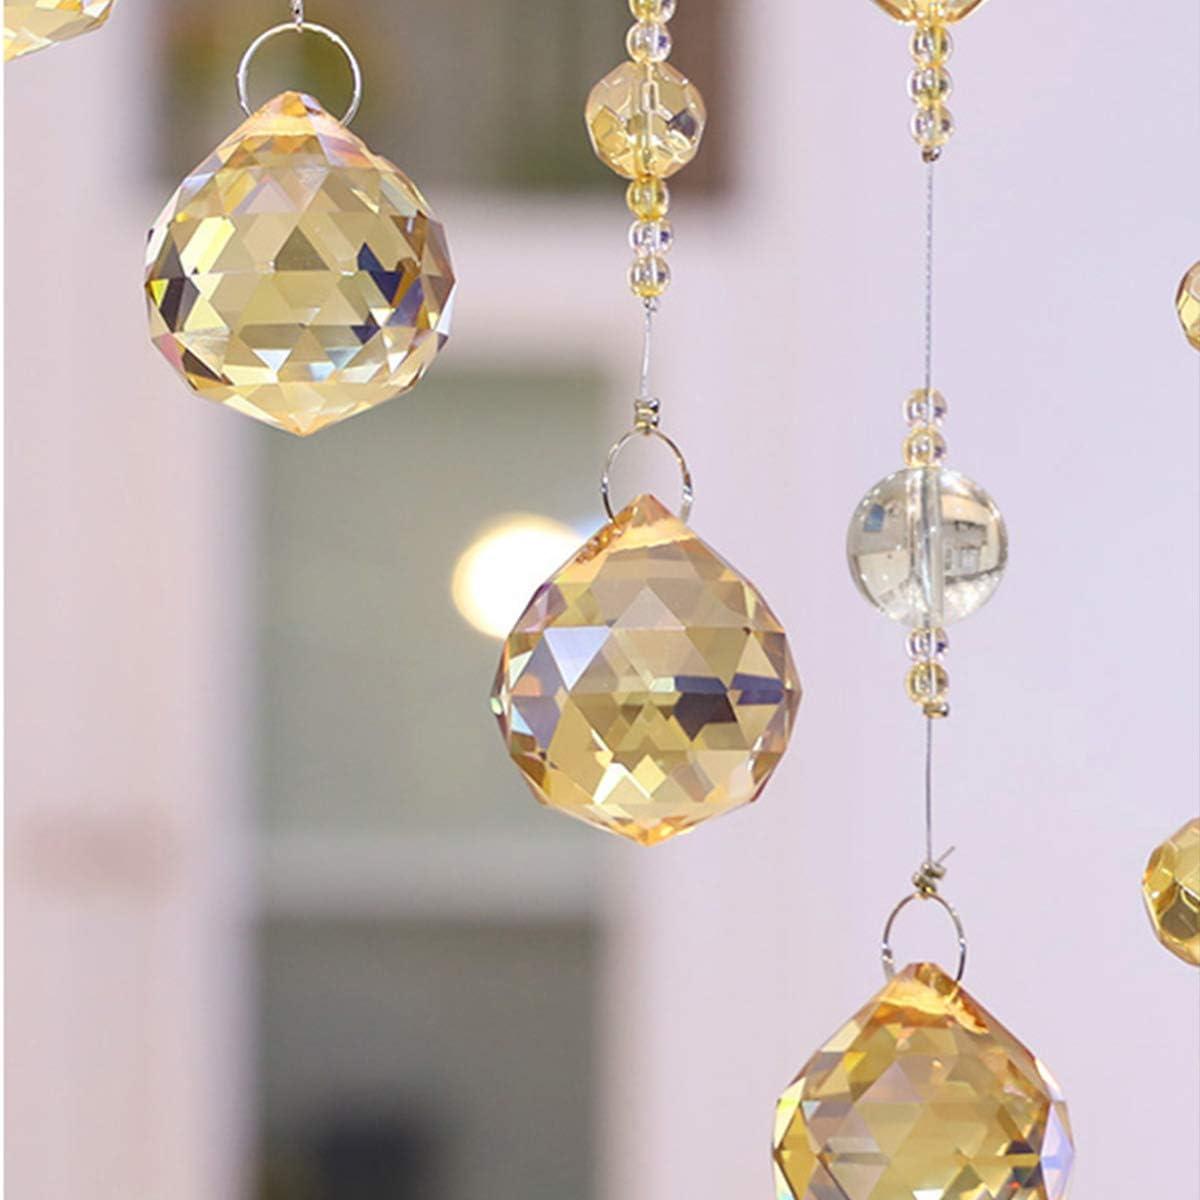 oro TOYANDONA 160pcs piccoli anelli aperti anelli a fogli mobili in metallo anelli per libro chiave artigianato carta di carta 15x16mm